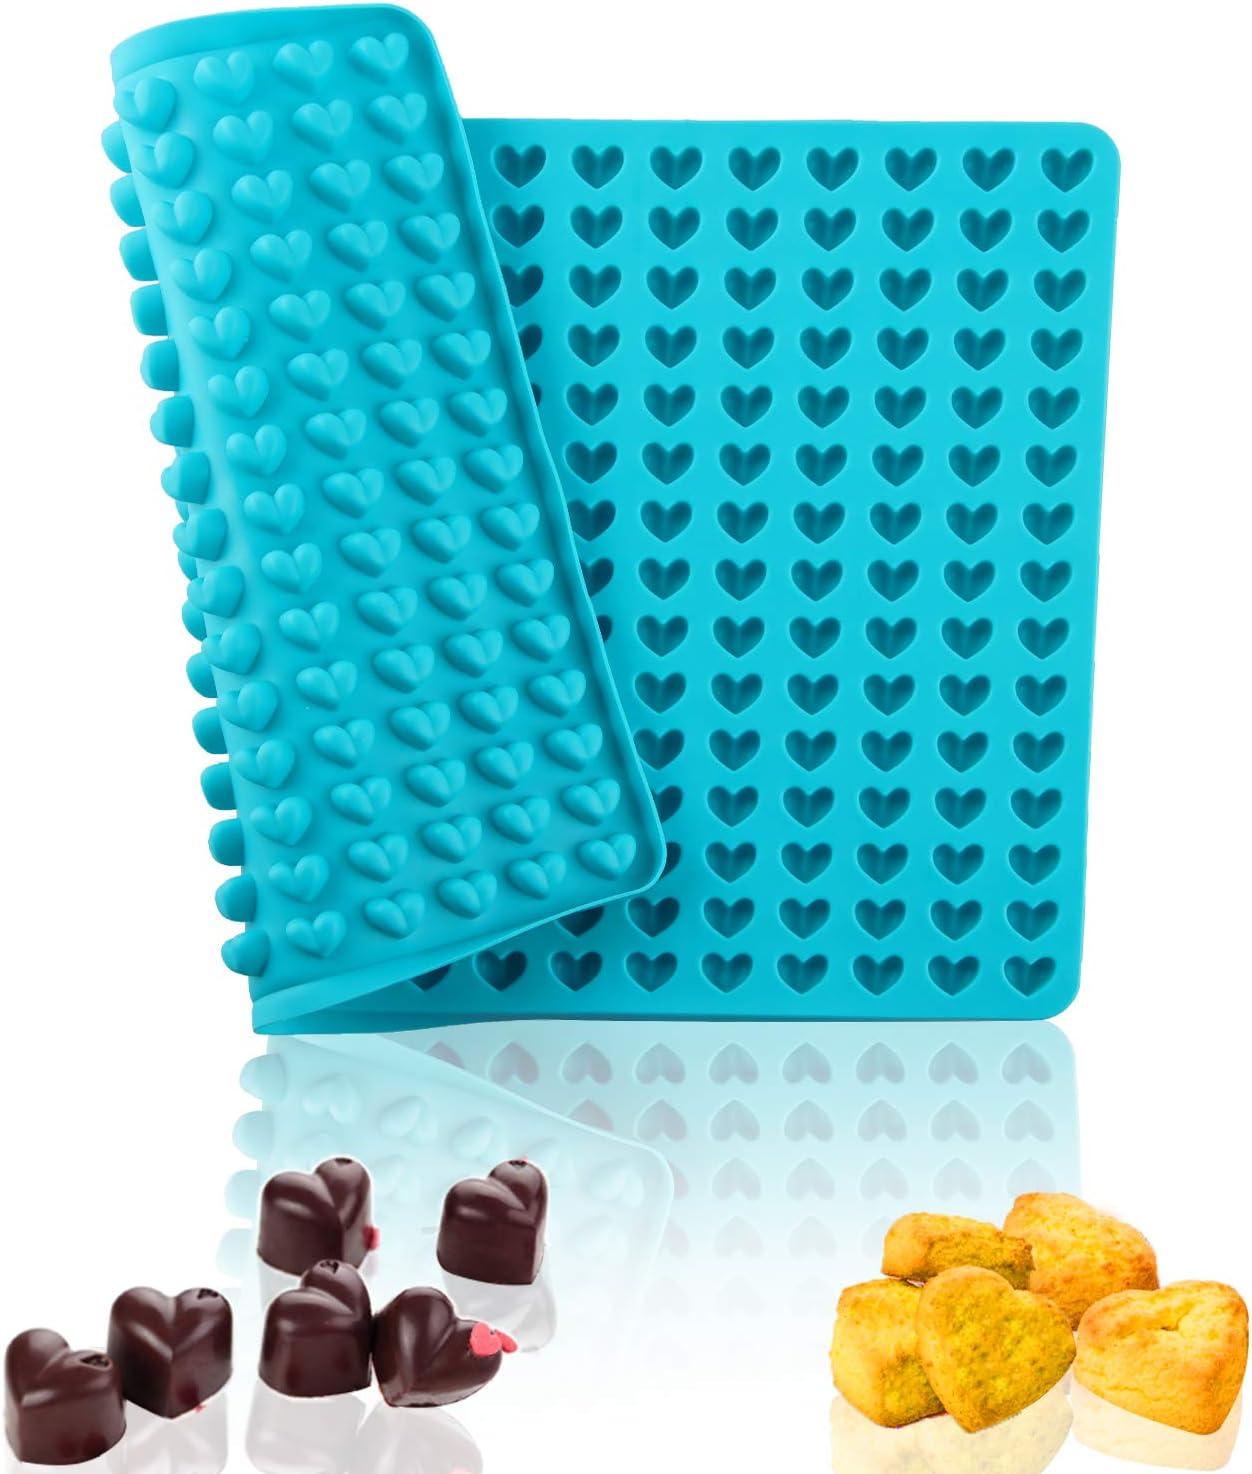 Utilizado para Dulces Molde de Silicona Galletas y Snacks Molde de Silicona en Forma de Coraz/ón Antiadherente y Apto para Alimentos Molde de Chocolate con 255 Agujeros Moldes Gominolas Silicona